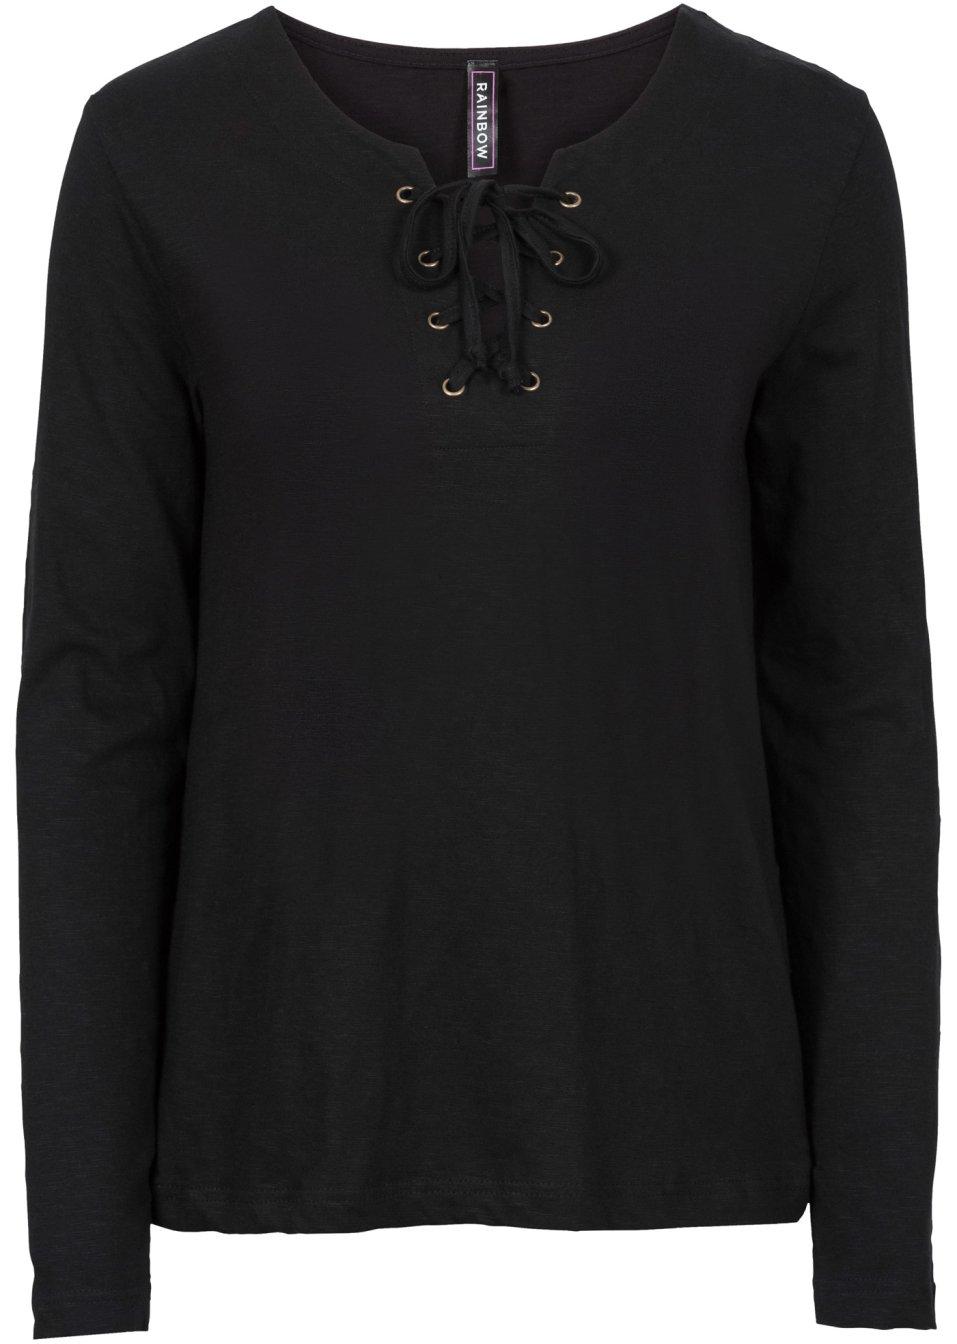 trendiges langarm shirt mit schn rung und v ausschnitt schwarz. Black Bedroom Furniture Sets. Home Design Ideas